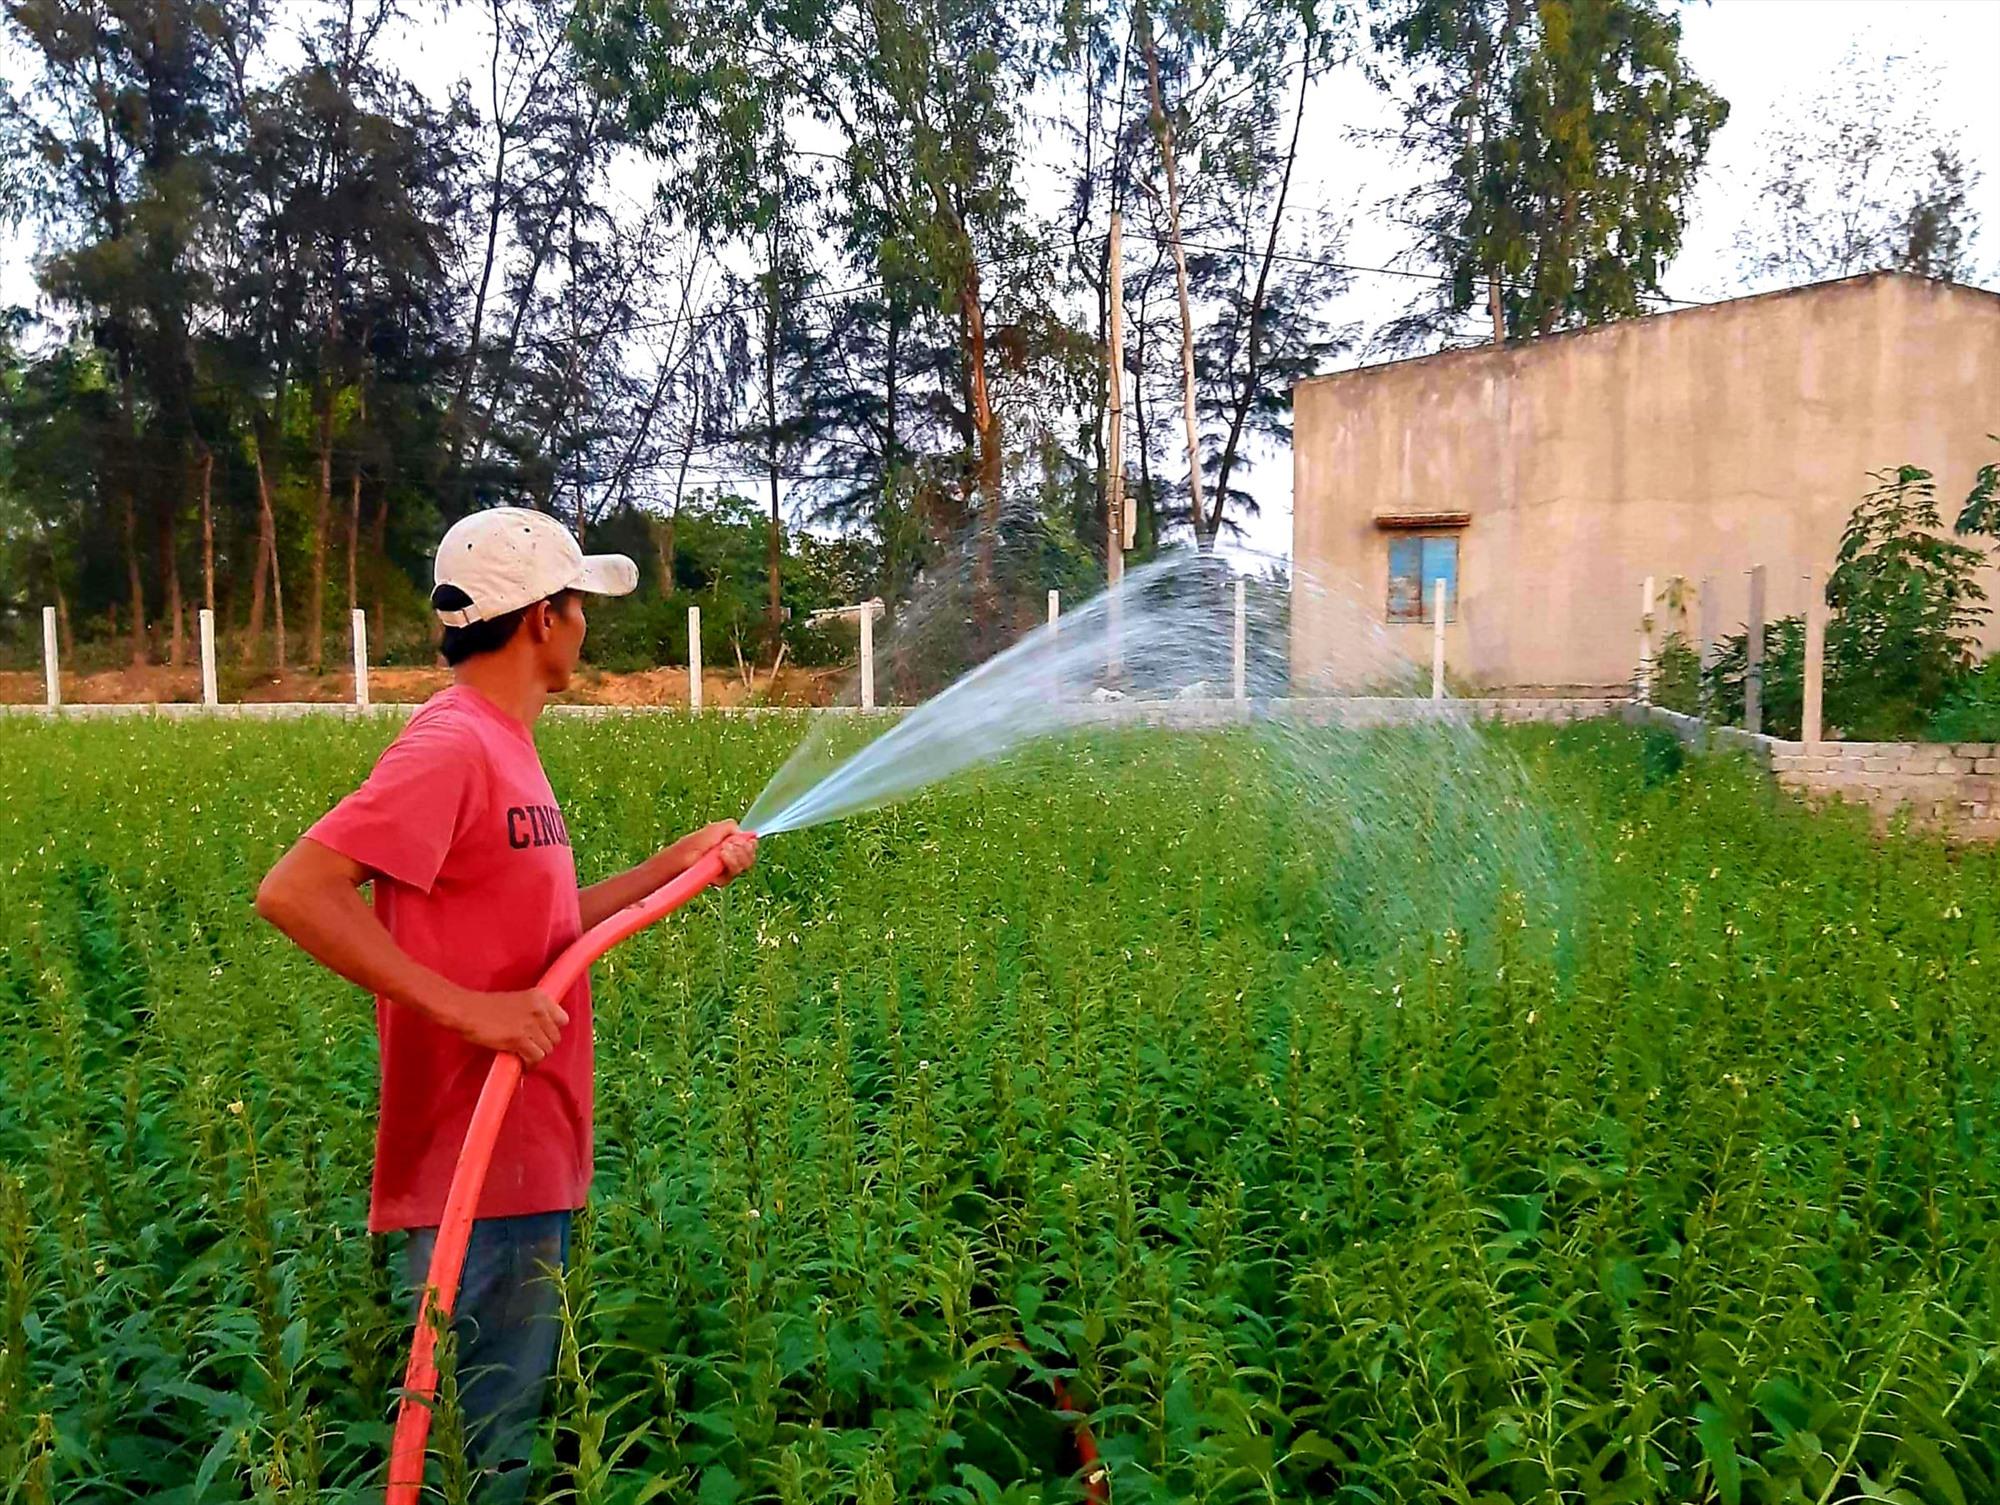 Nhiều địa phương vùng cát của tỉnh ưu tiên đầu tư thủy lợi hóa đất màu nhằm tạo điều kiện cho người dân phát triển sản xuất. Ảnh: T.R